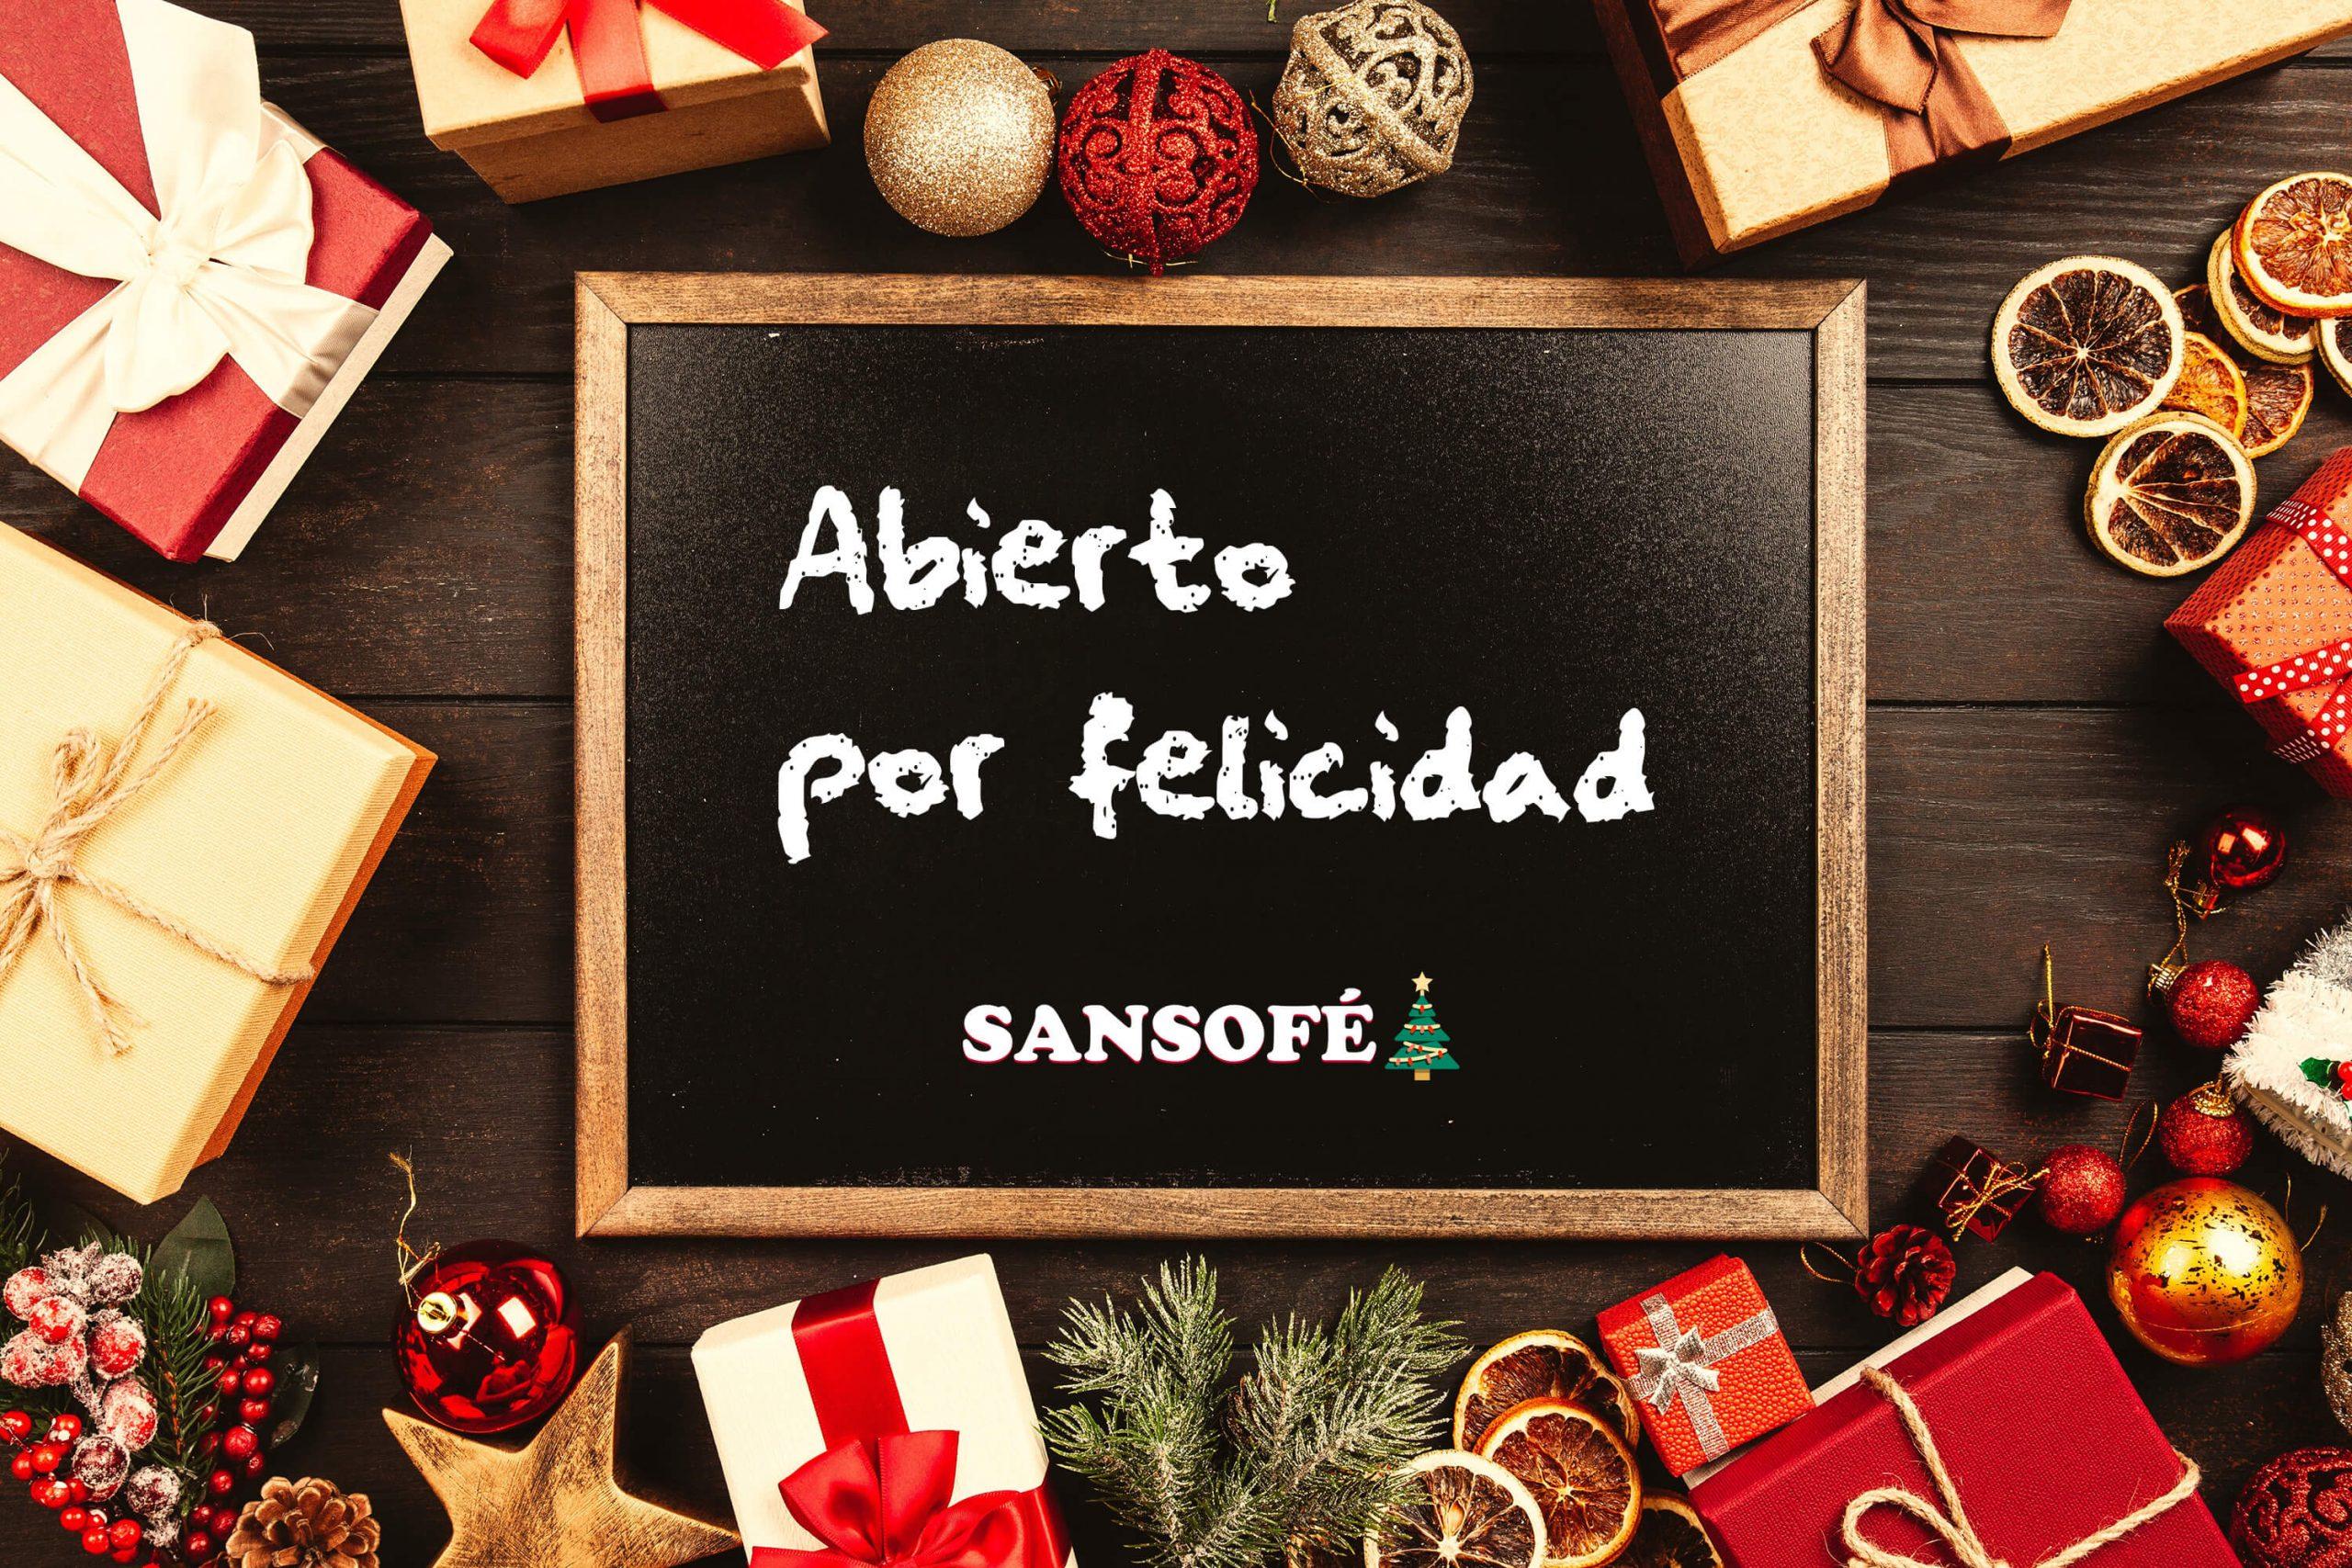 Tasca Sansofé Navidad abierto por Felicidad